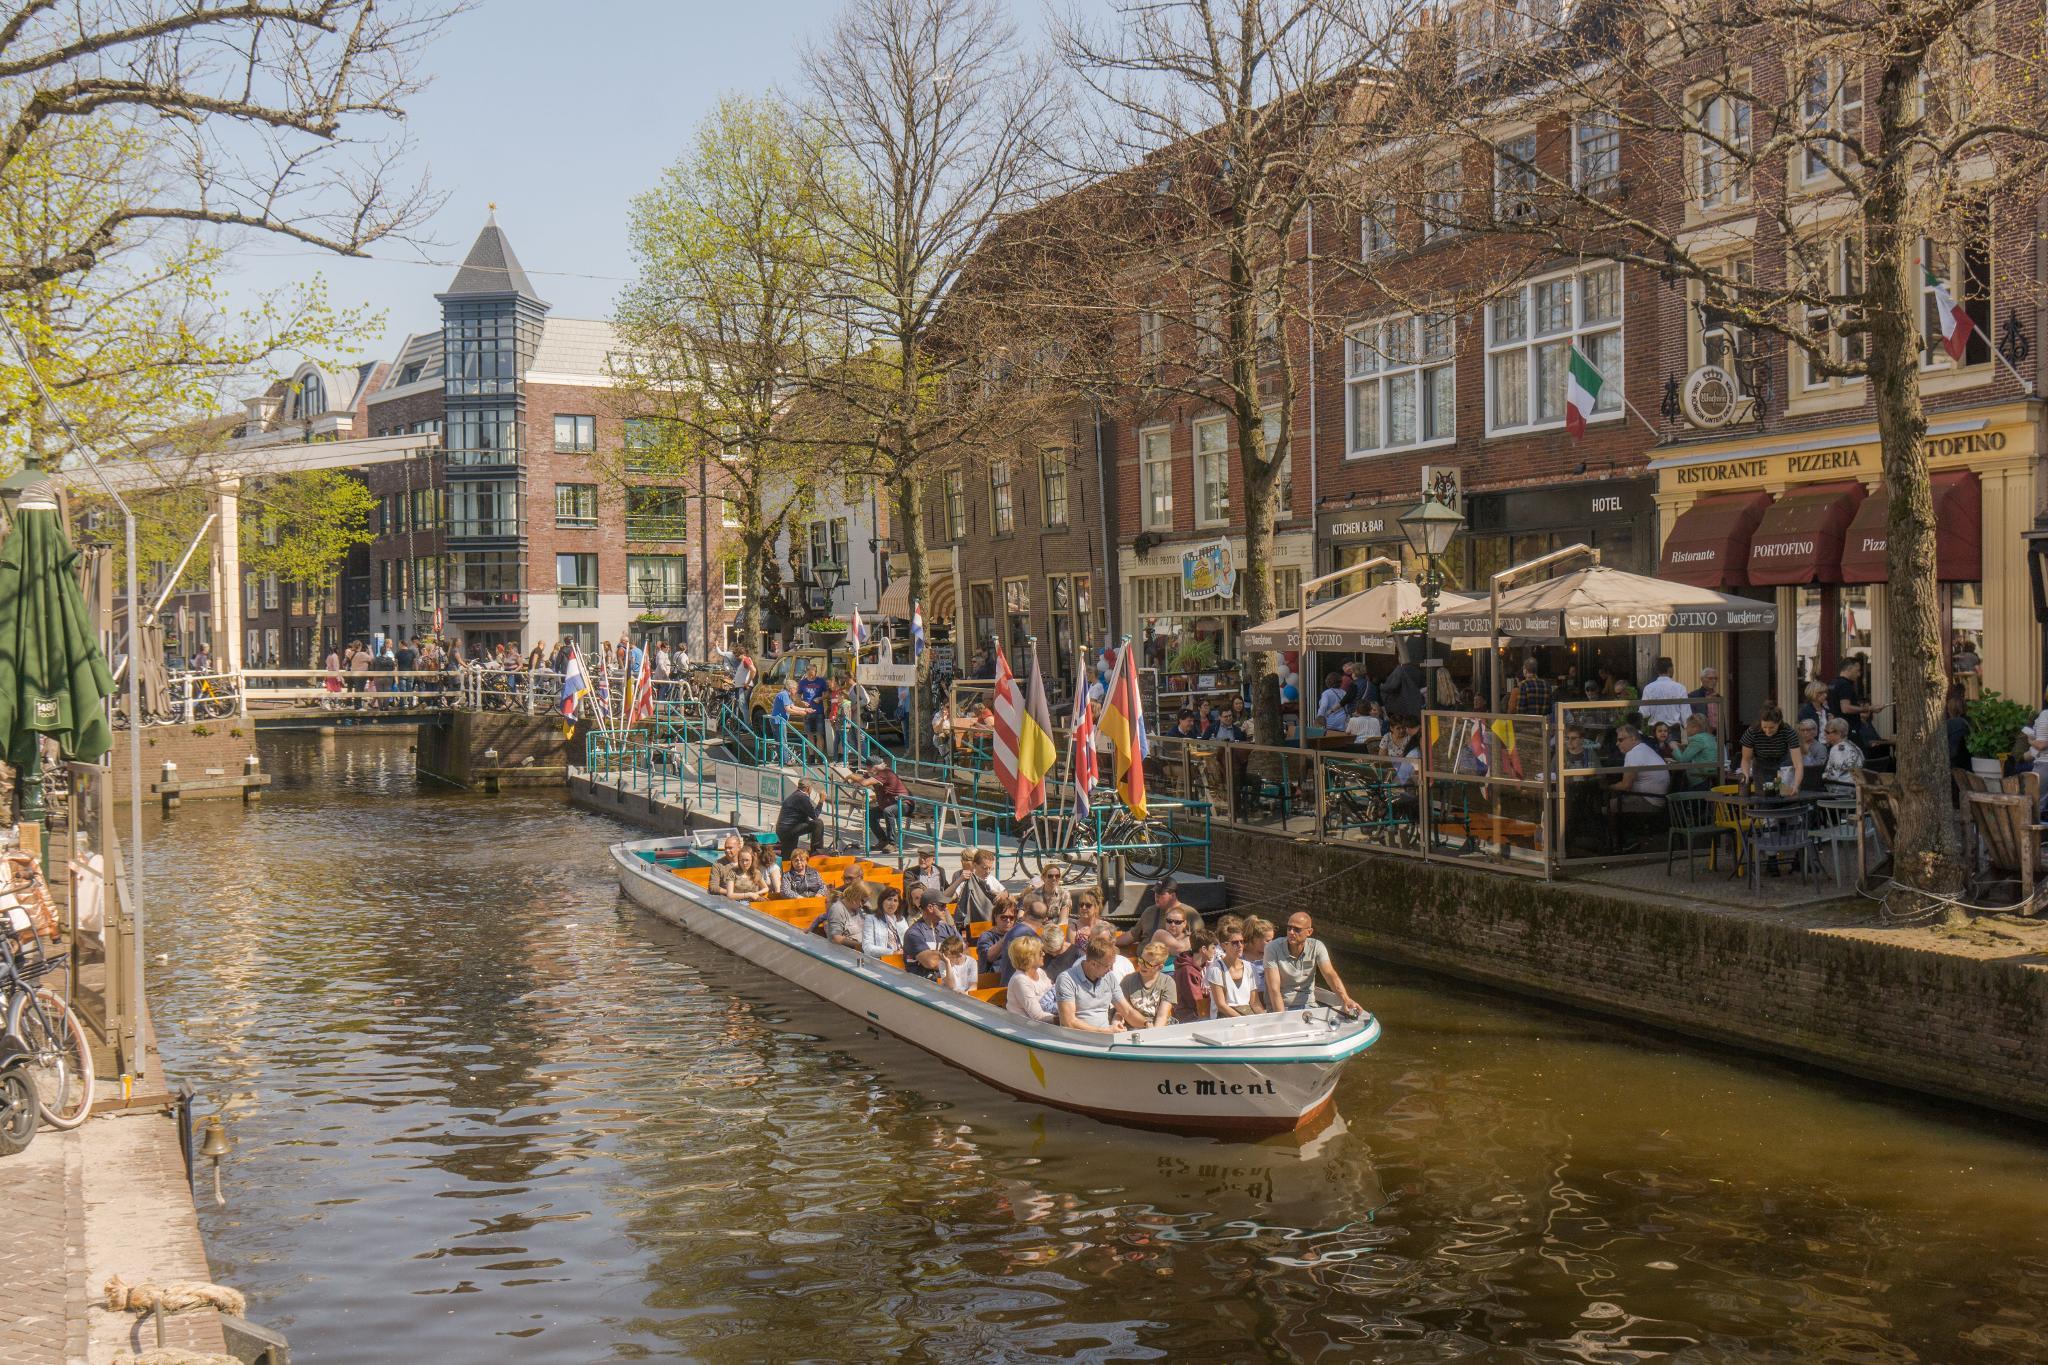 【荷蘭印象】體驗道地的荷式風情 — Alkmaar 起司市集 散步路線整理 33